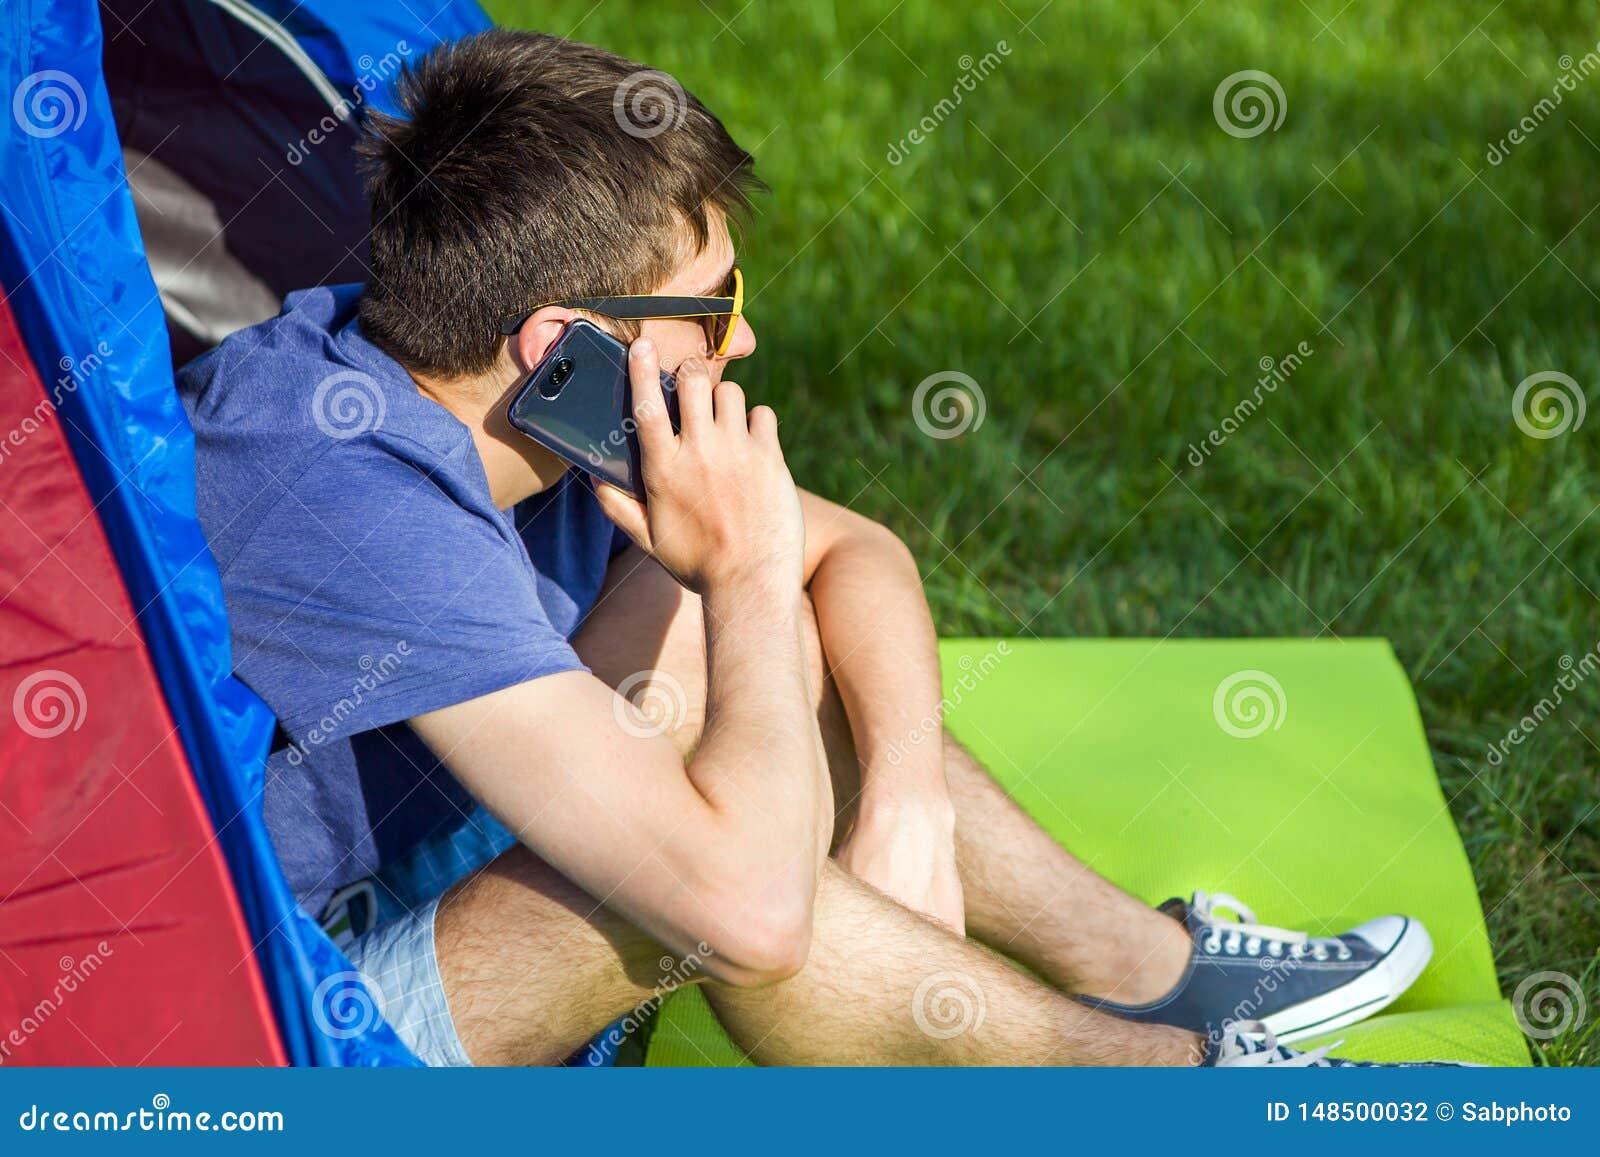 Νεαρός άνδρας με ένα τηλέφωνο